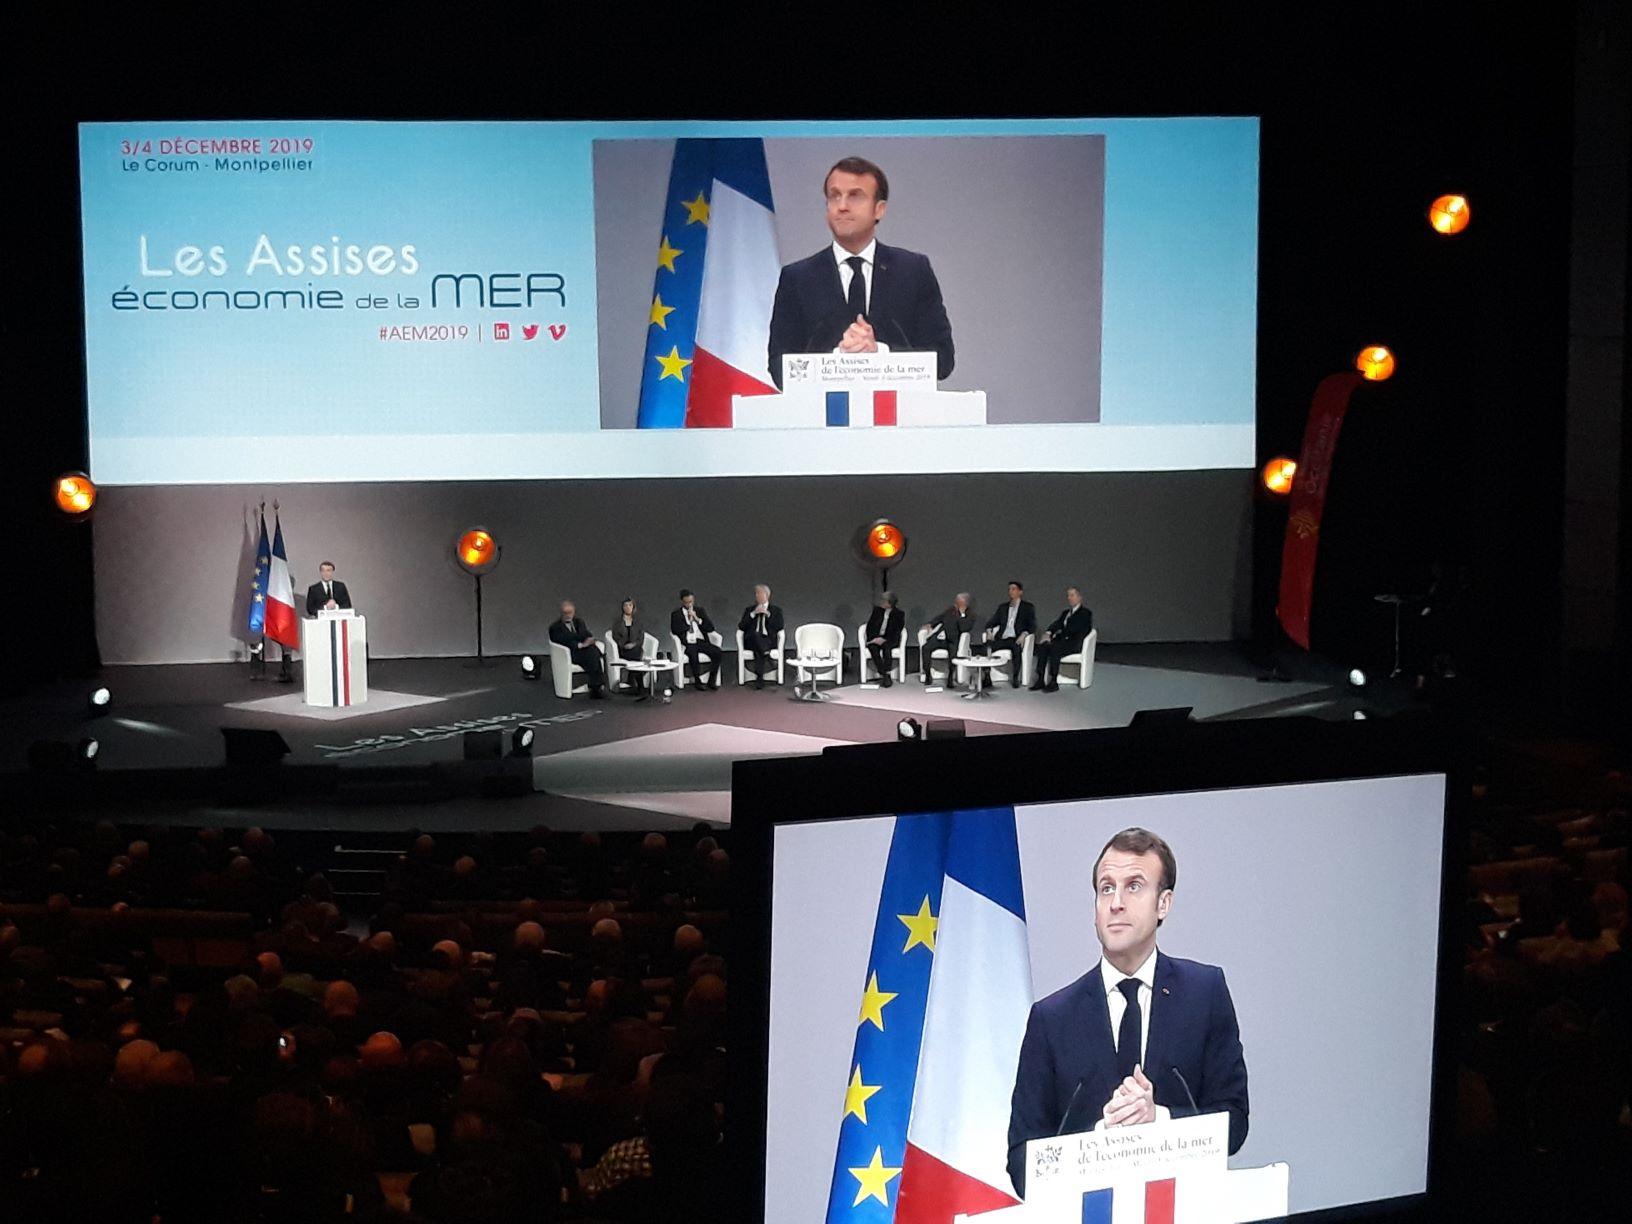 Assises 2019 E Macron